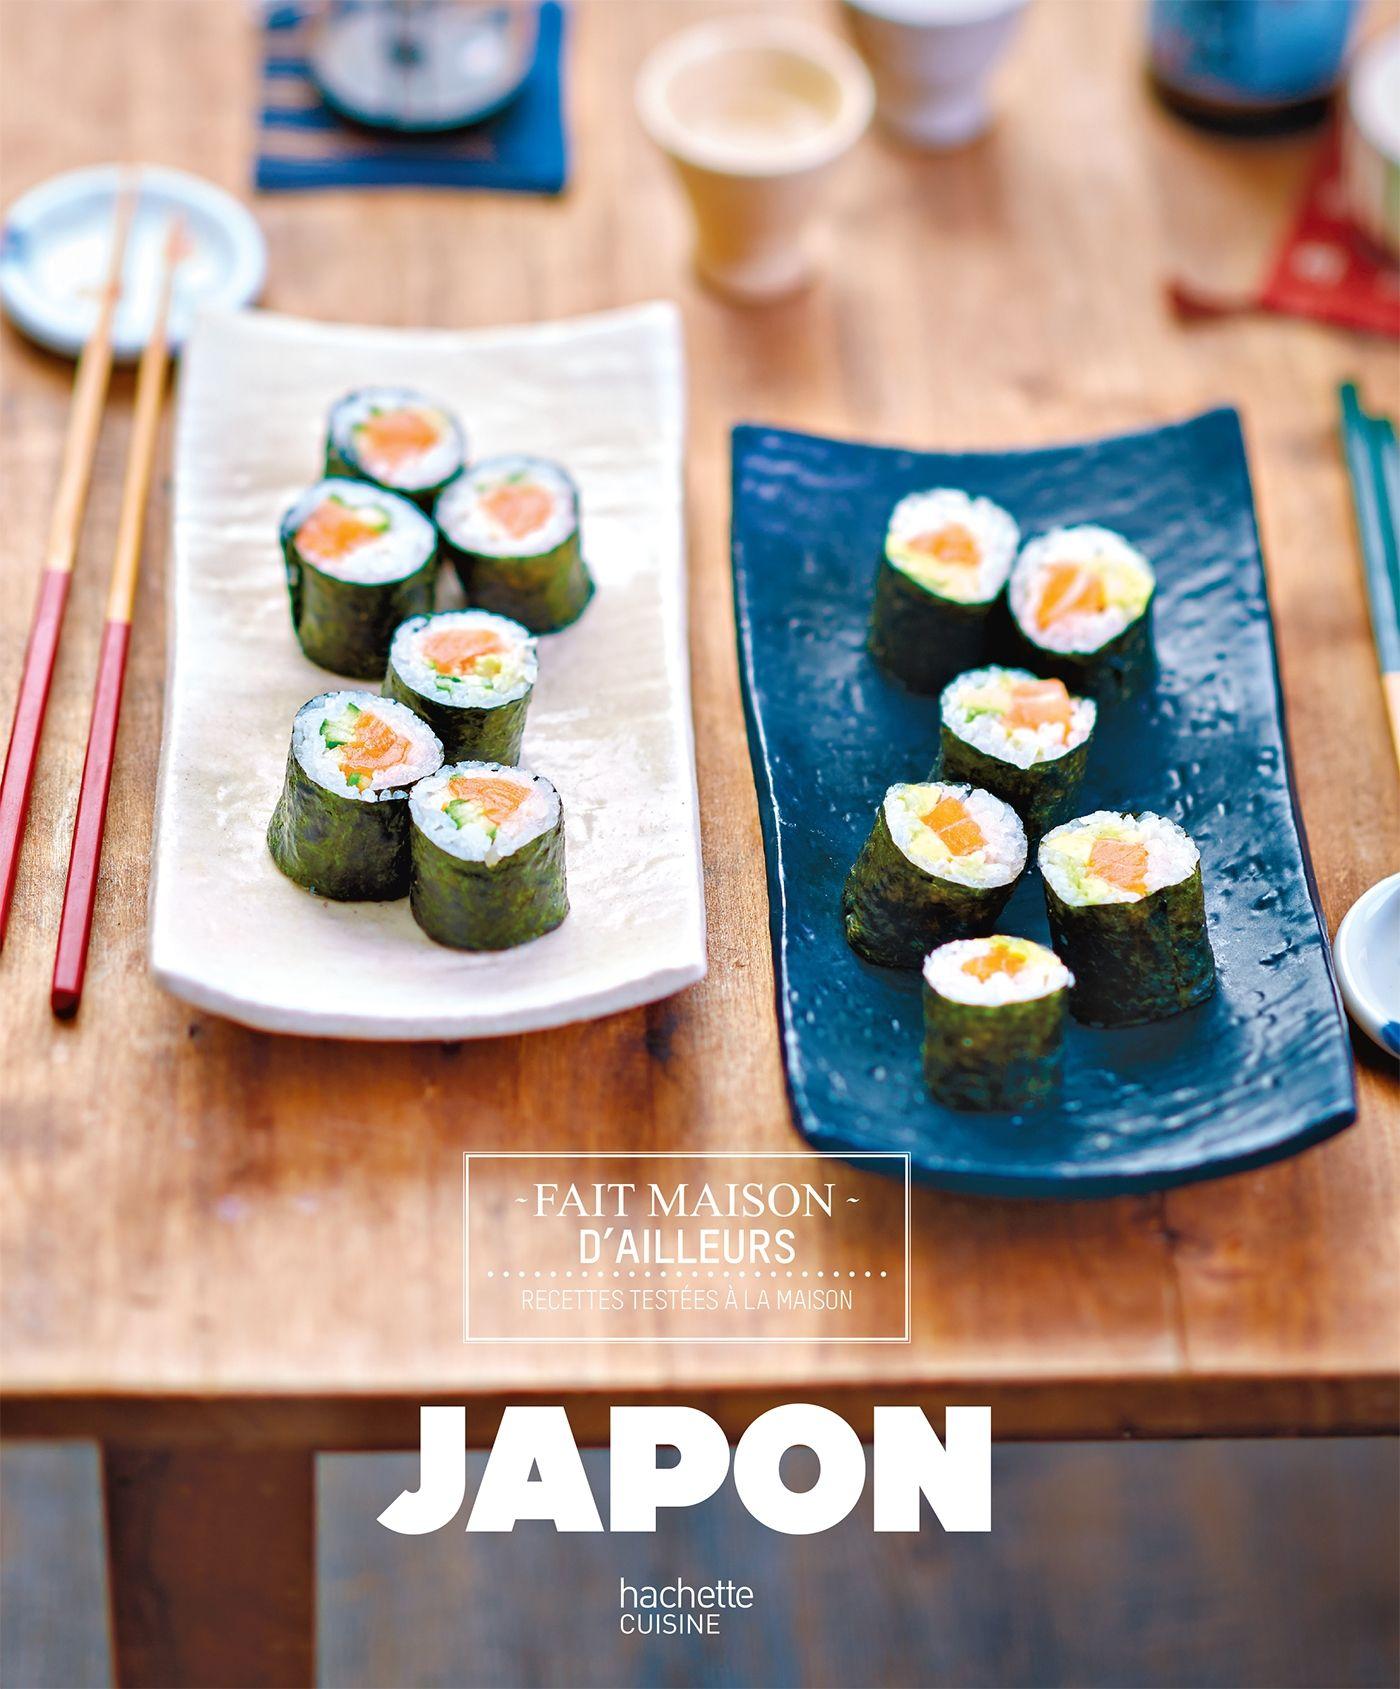 Épinglé par Hachette Cuisine sur Nos livres | Cuisine, Alimentation, Fait maison